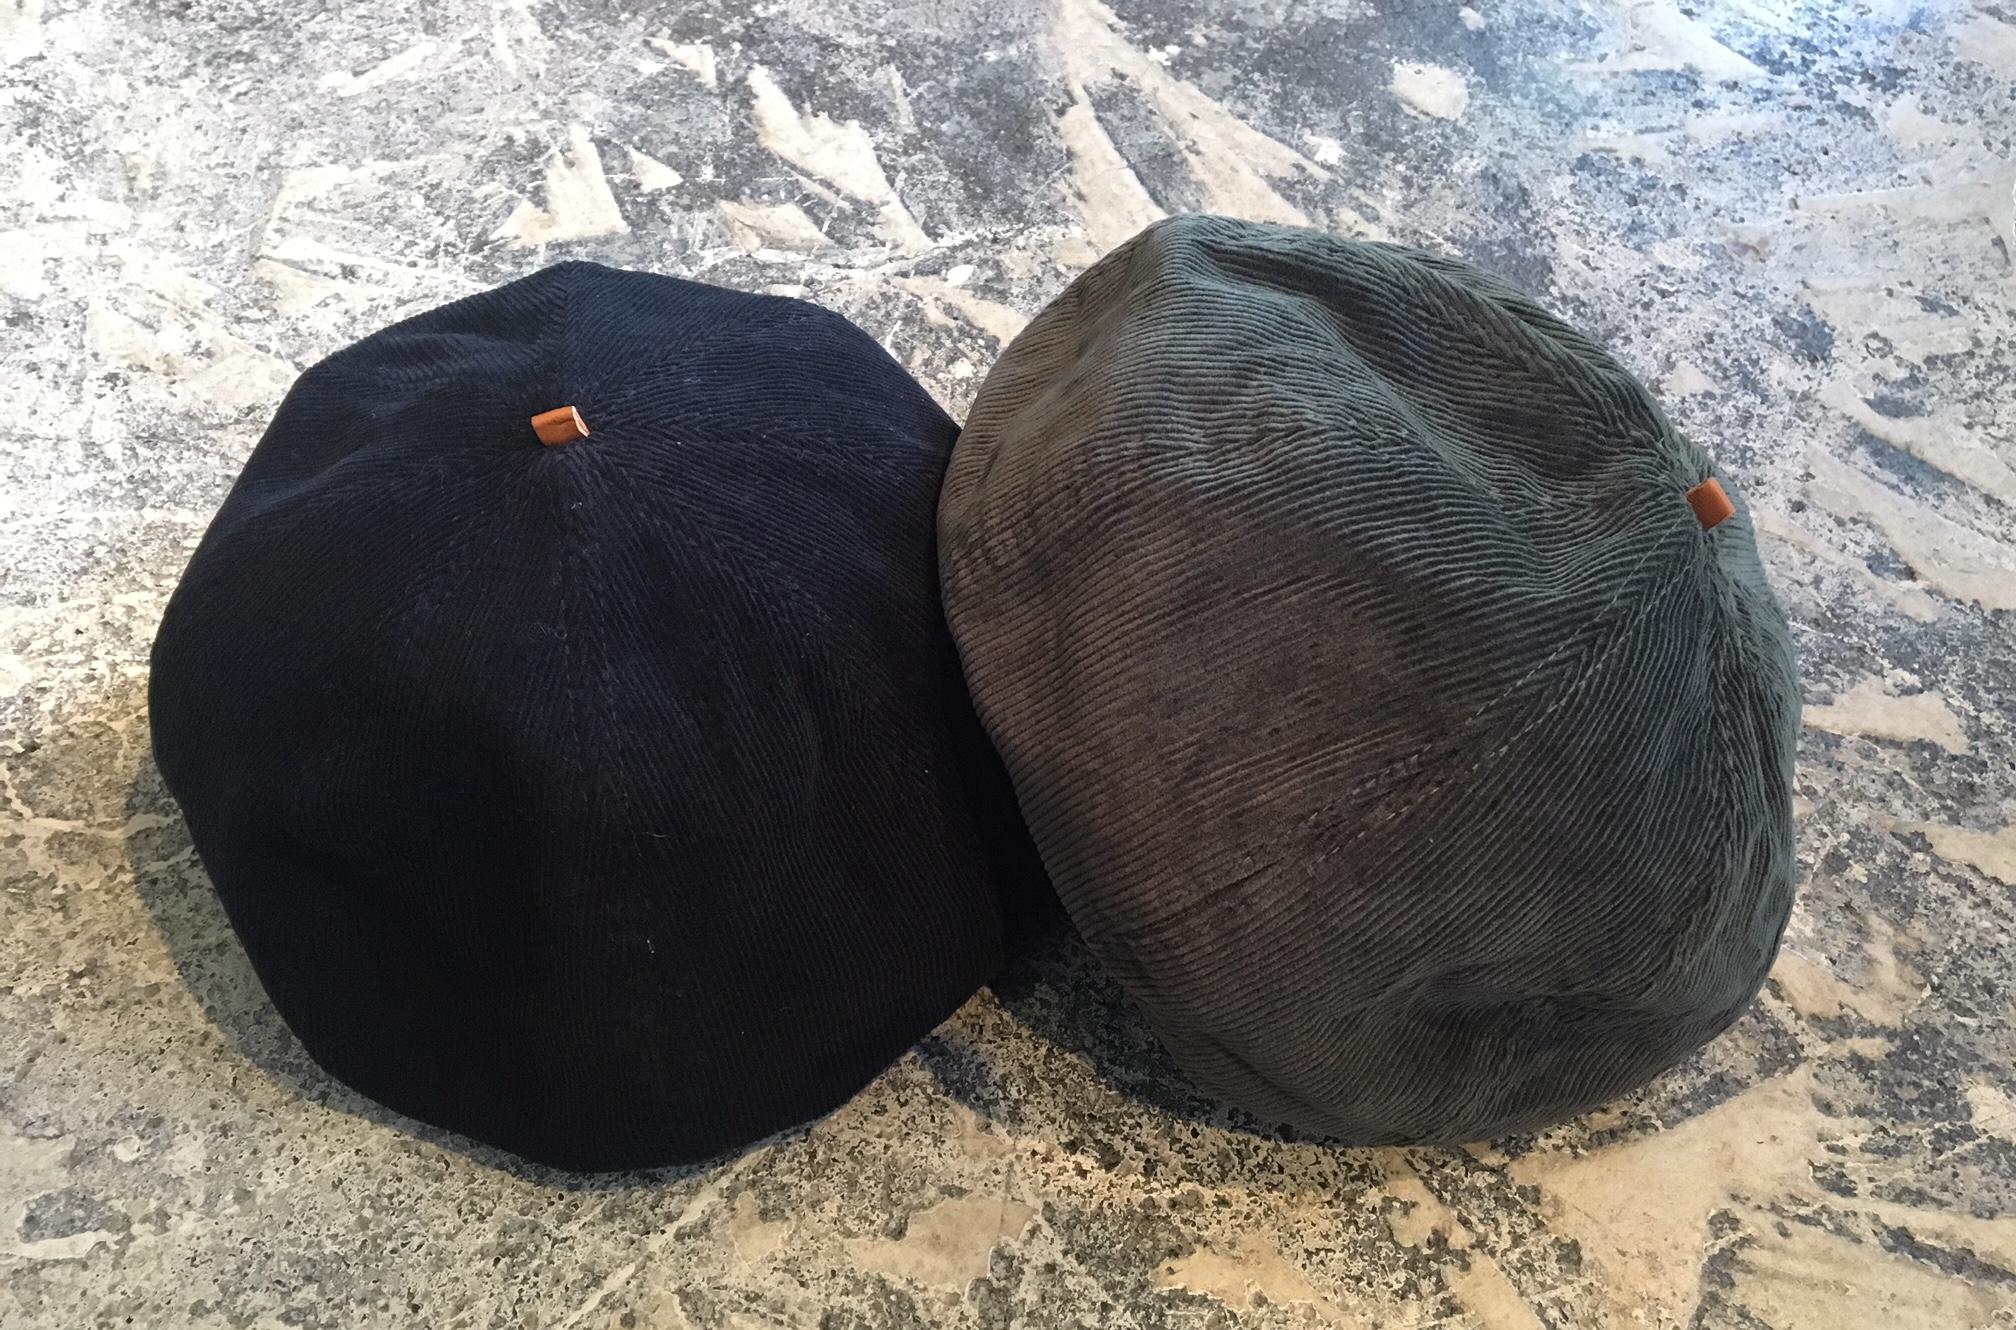 HIGHER: corduroy beret restock